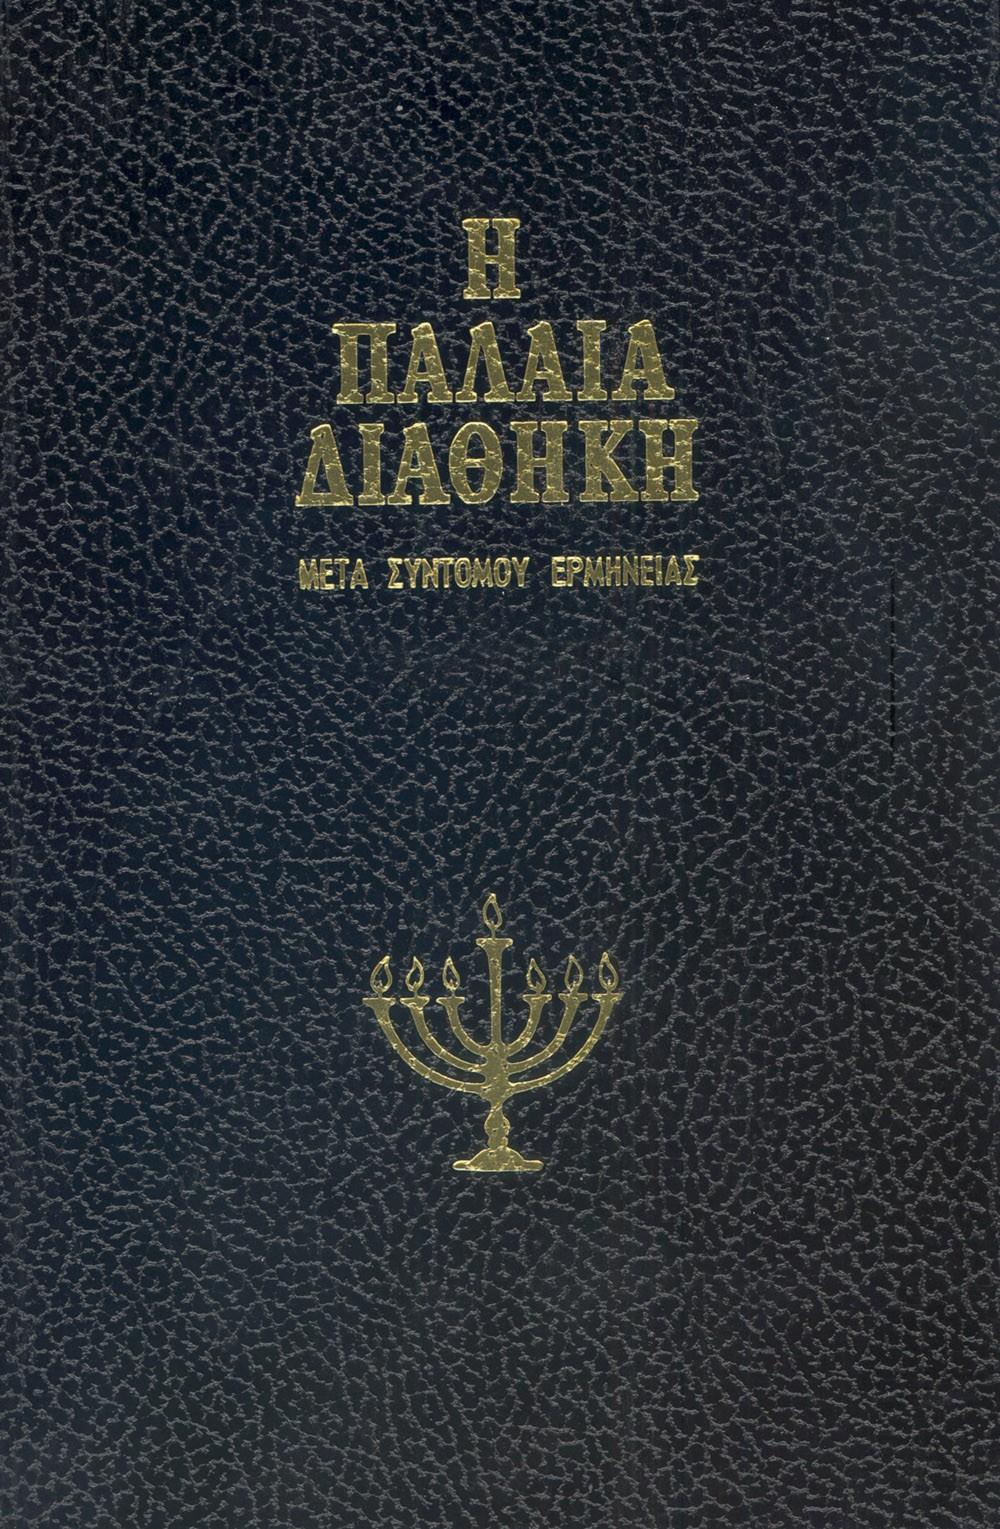 Παλαιά Διαθήκη ΠΑΛΑΙΑ ΔΙΑΘΗΚΗ Τόμος Ζ΄ ΠΑΡΑΛΕΙΠΟΜΕΝΩΝ Α΄ - Β΄